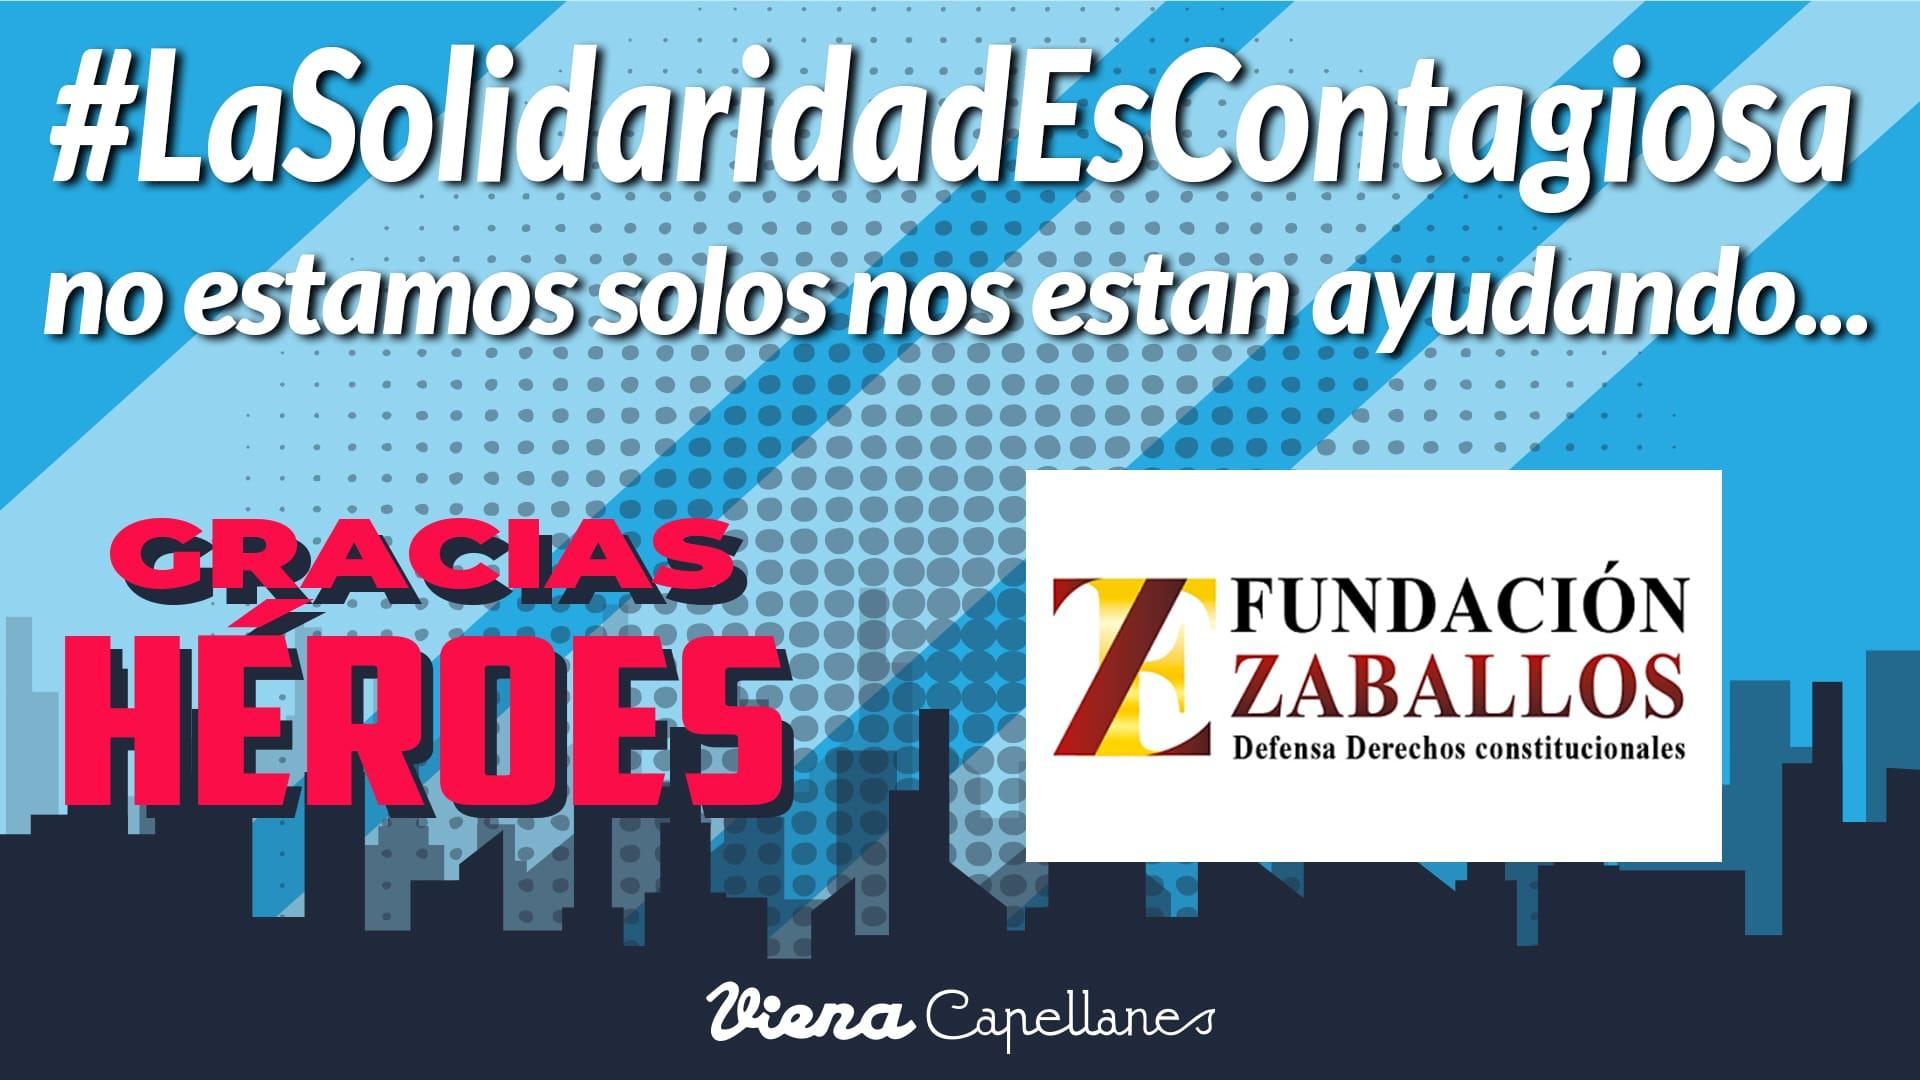 #LaSolidaridadContagiosa, acciones de solidaridad.